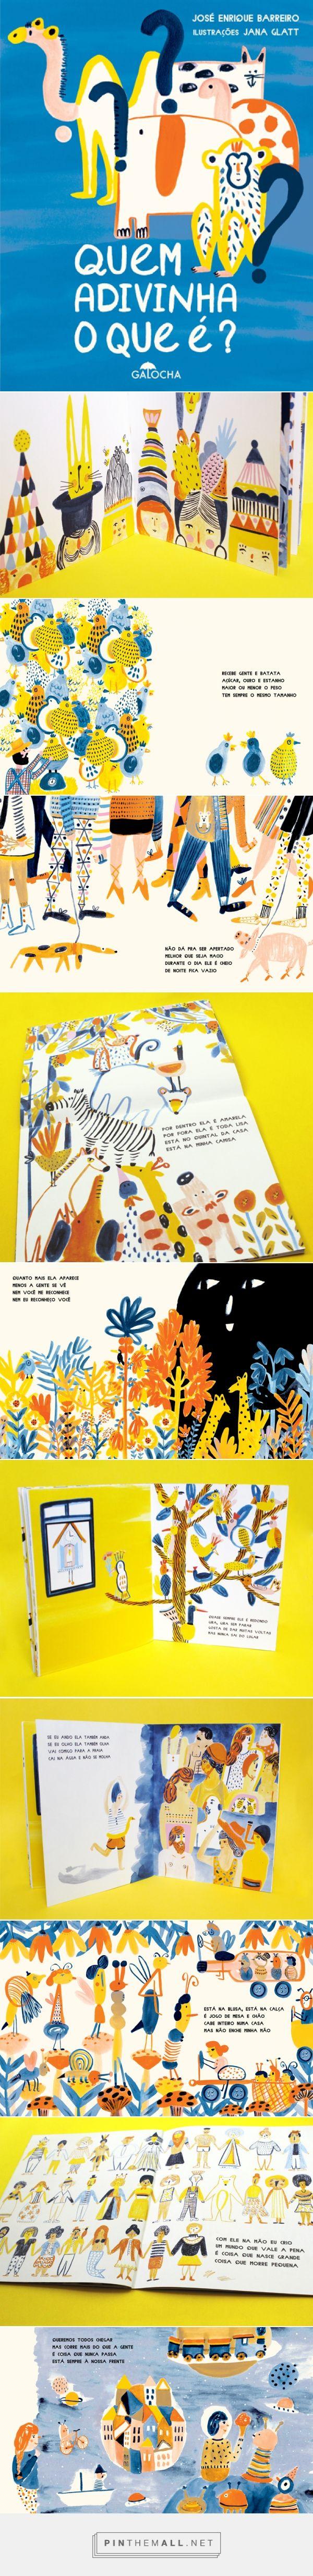 «Quem adivinha o que é?»   Ilustrações Jana Glatt